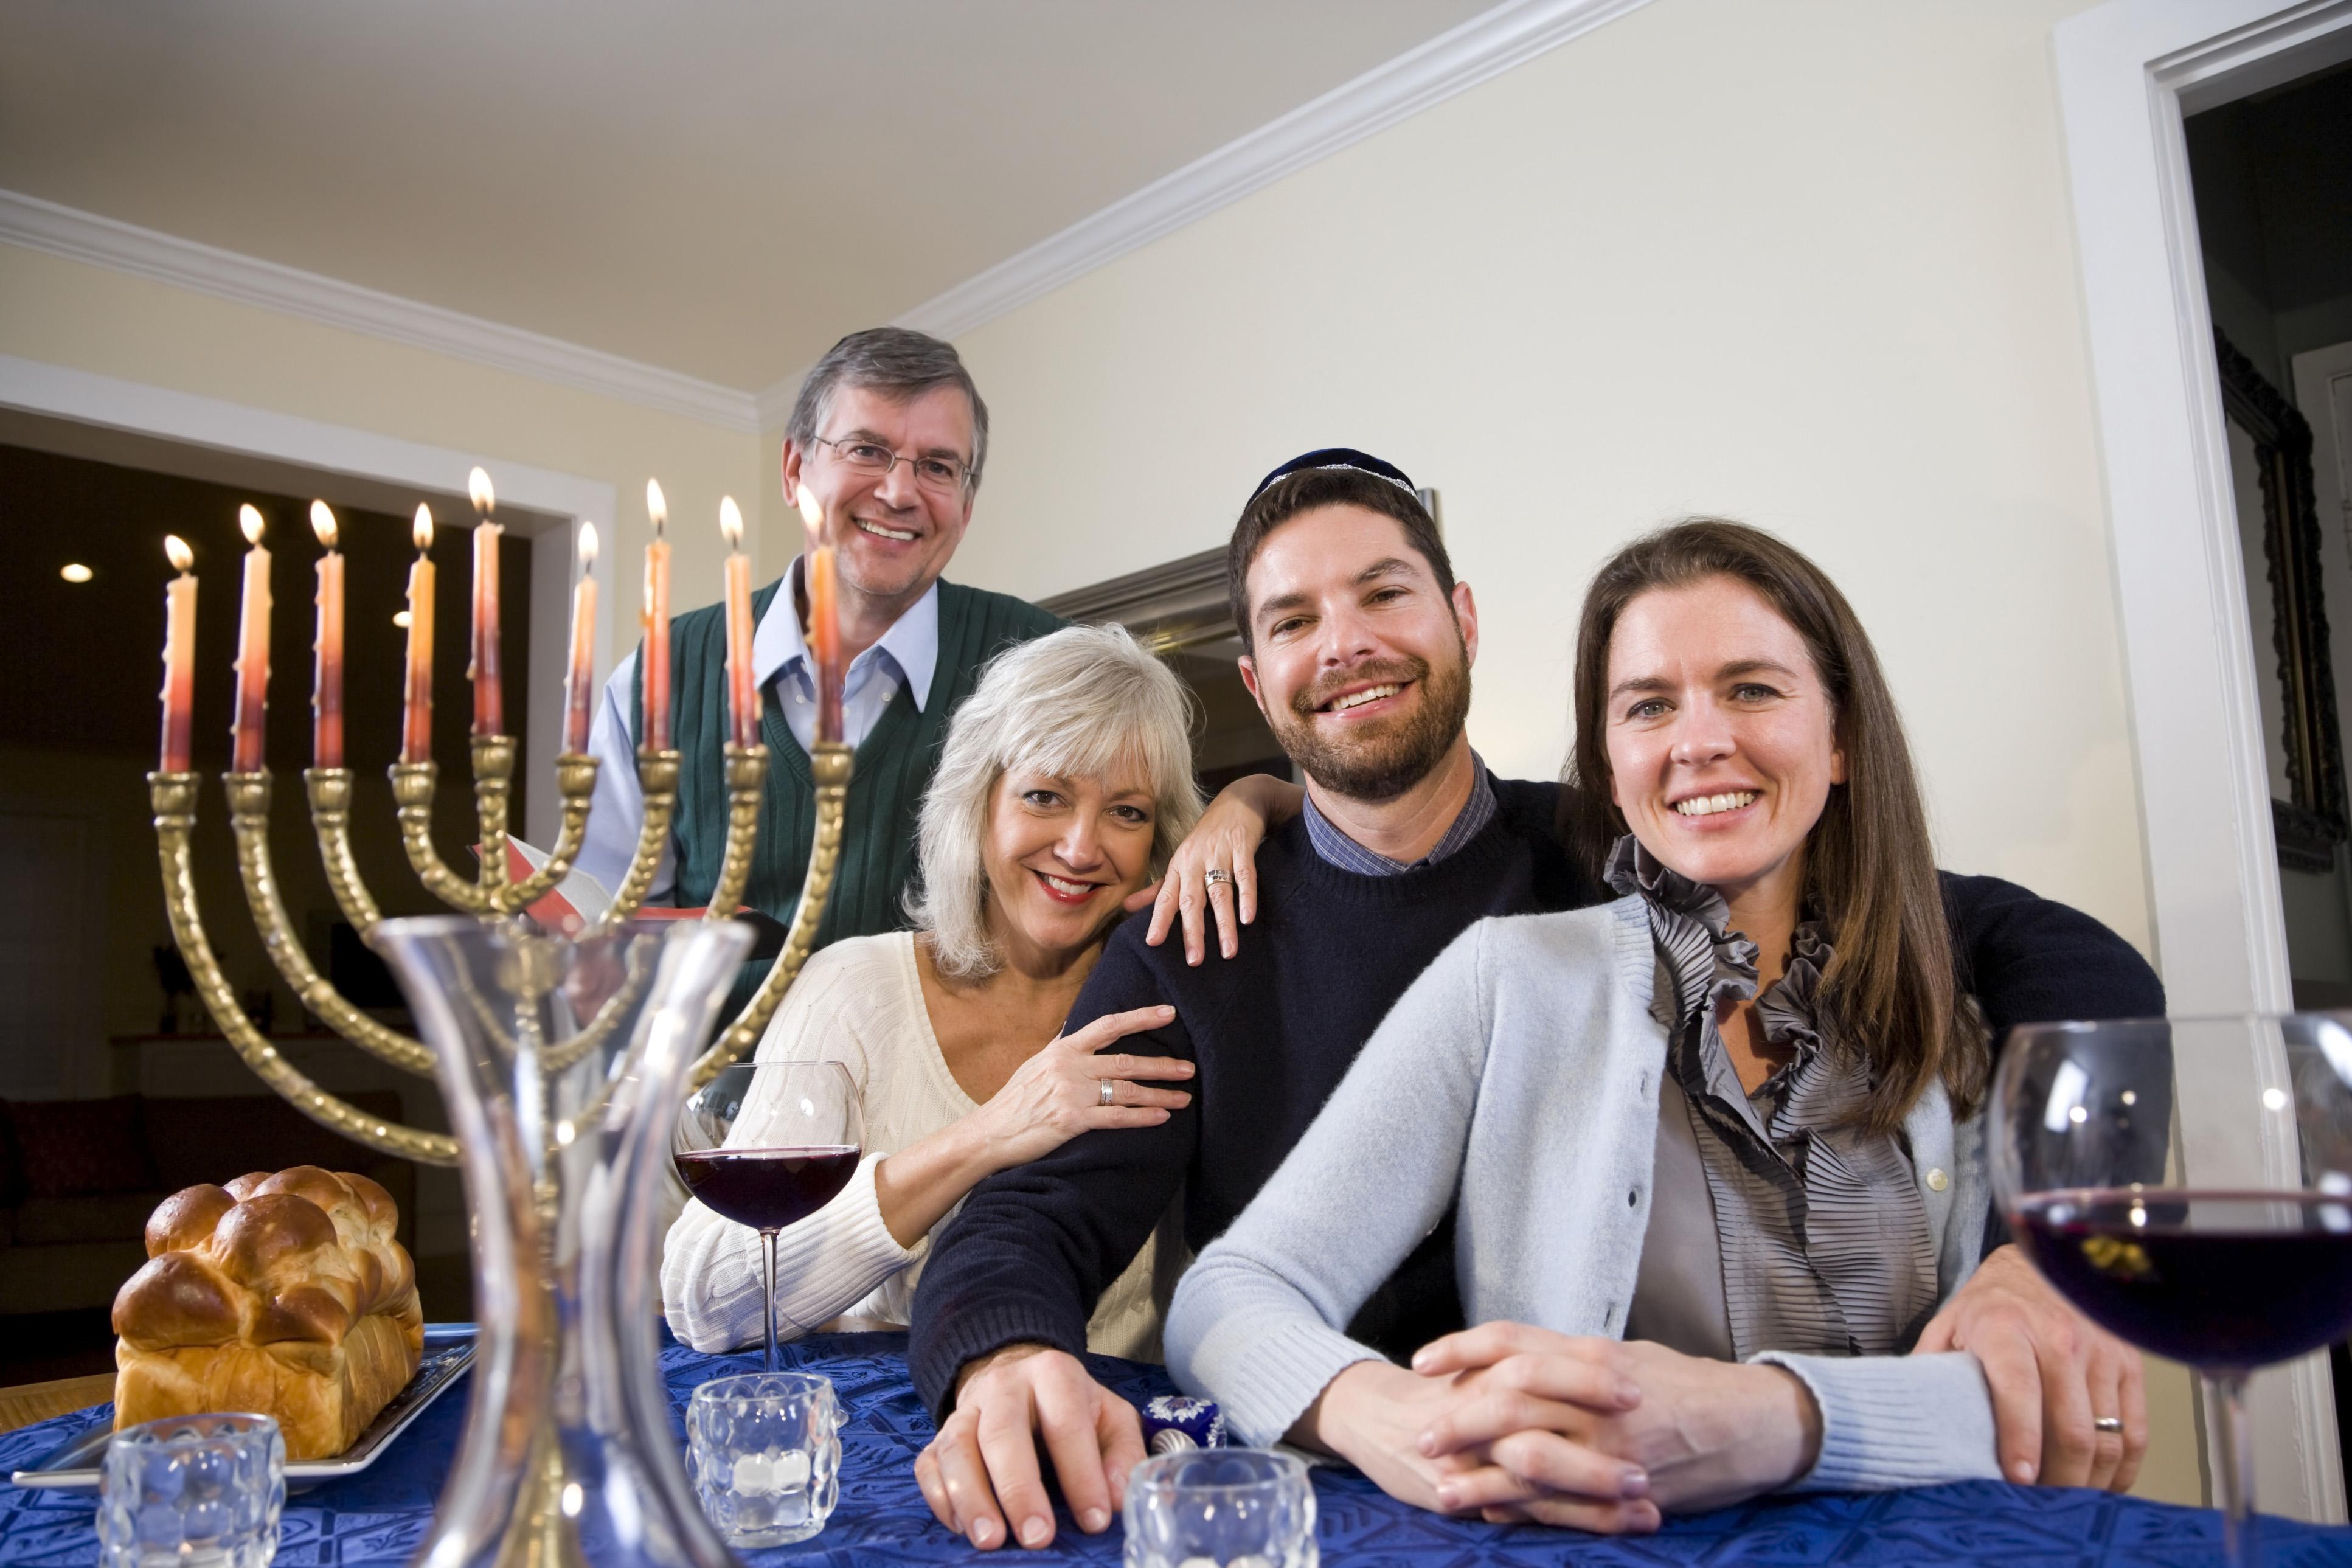 Family celebrating